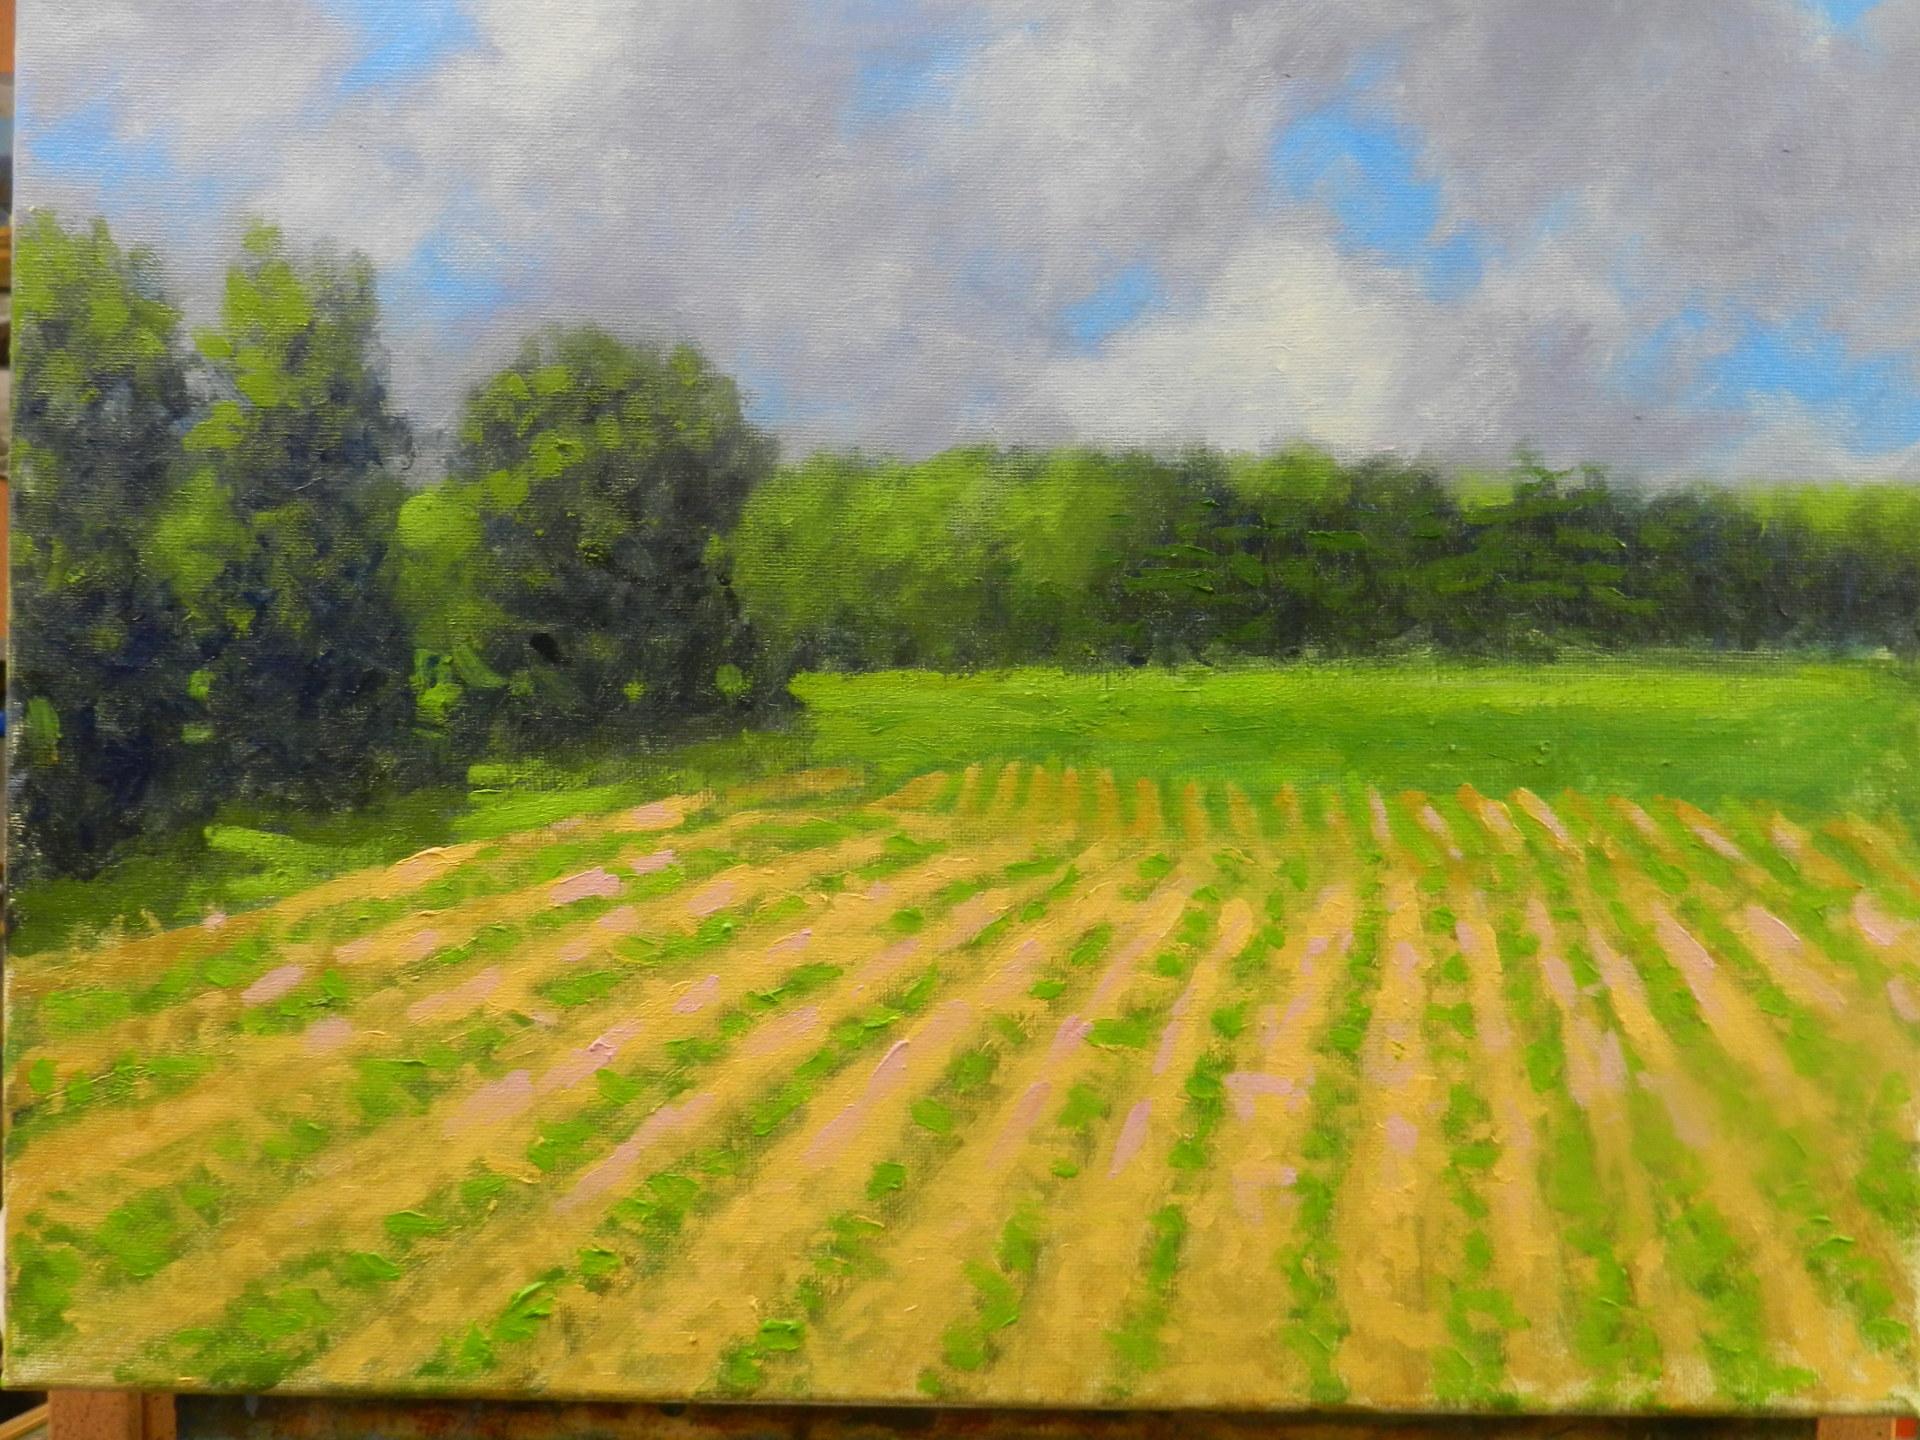 Stratham Fields